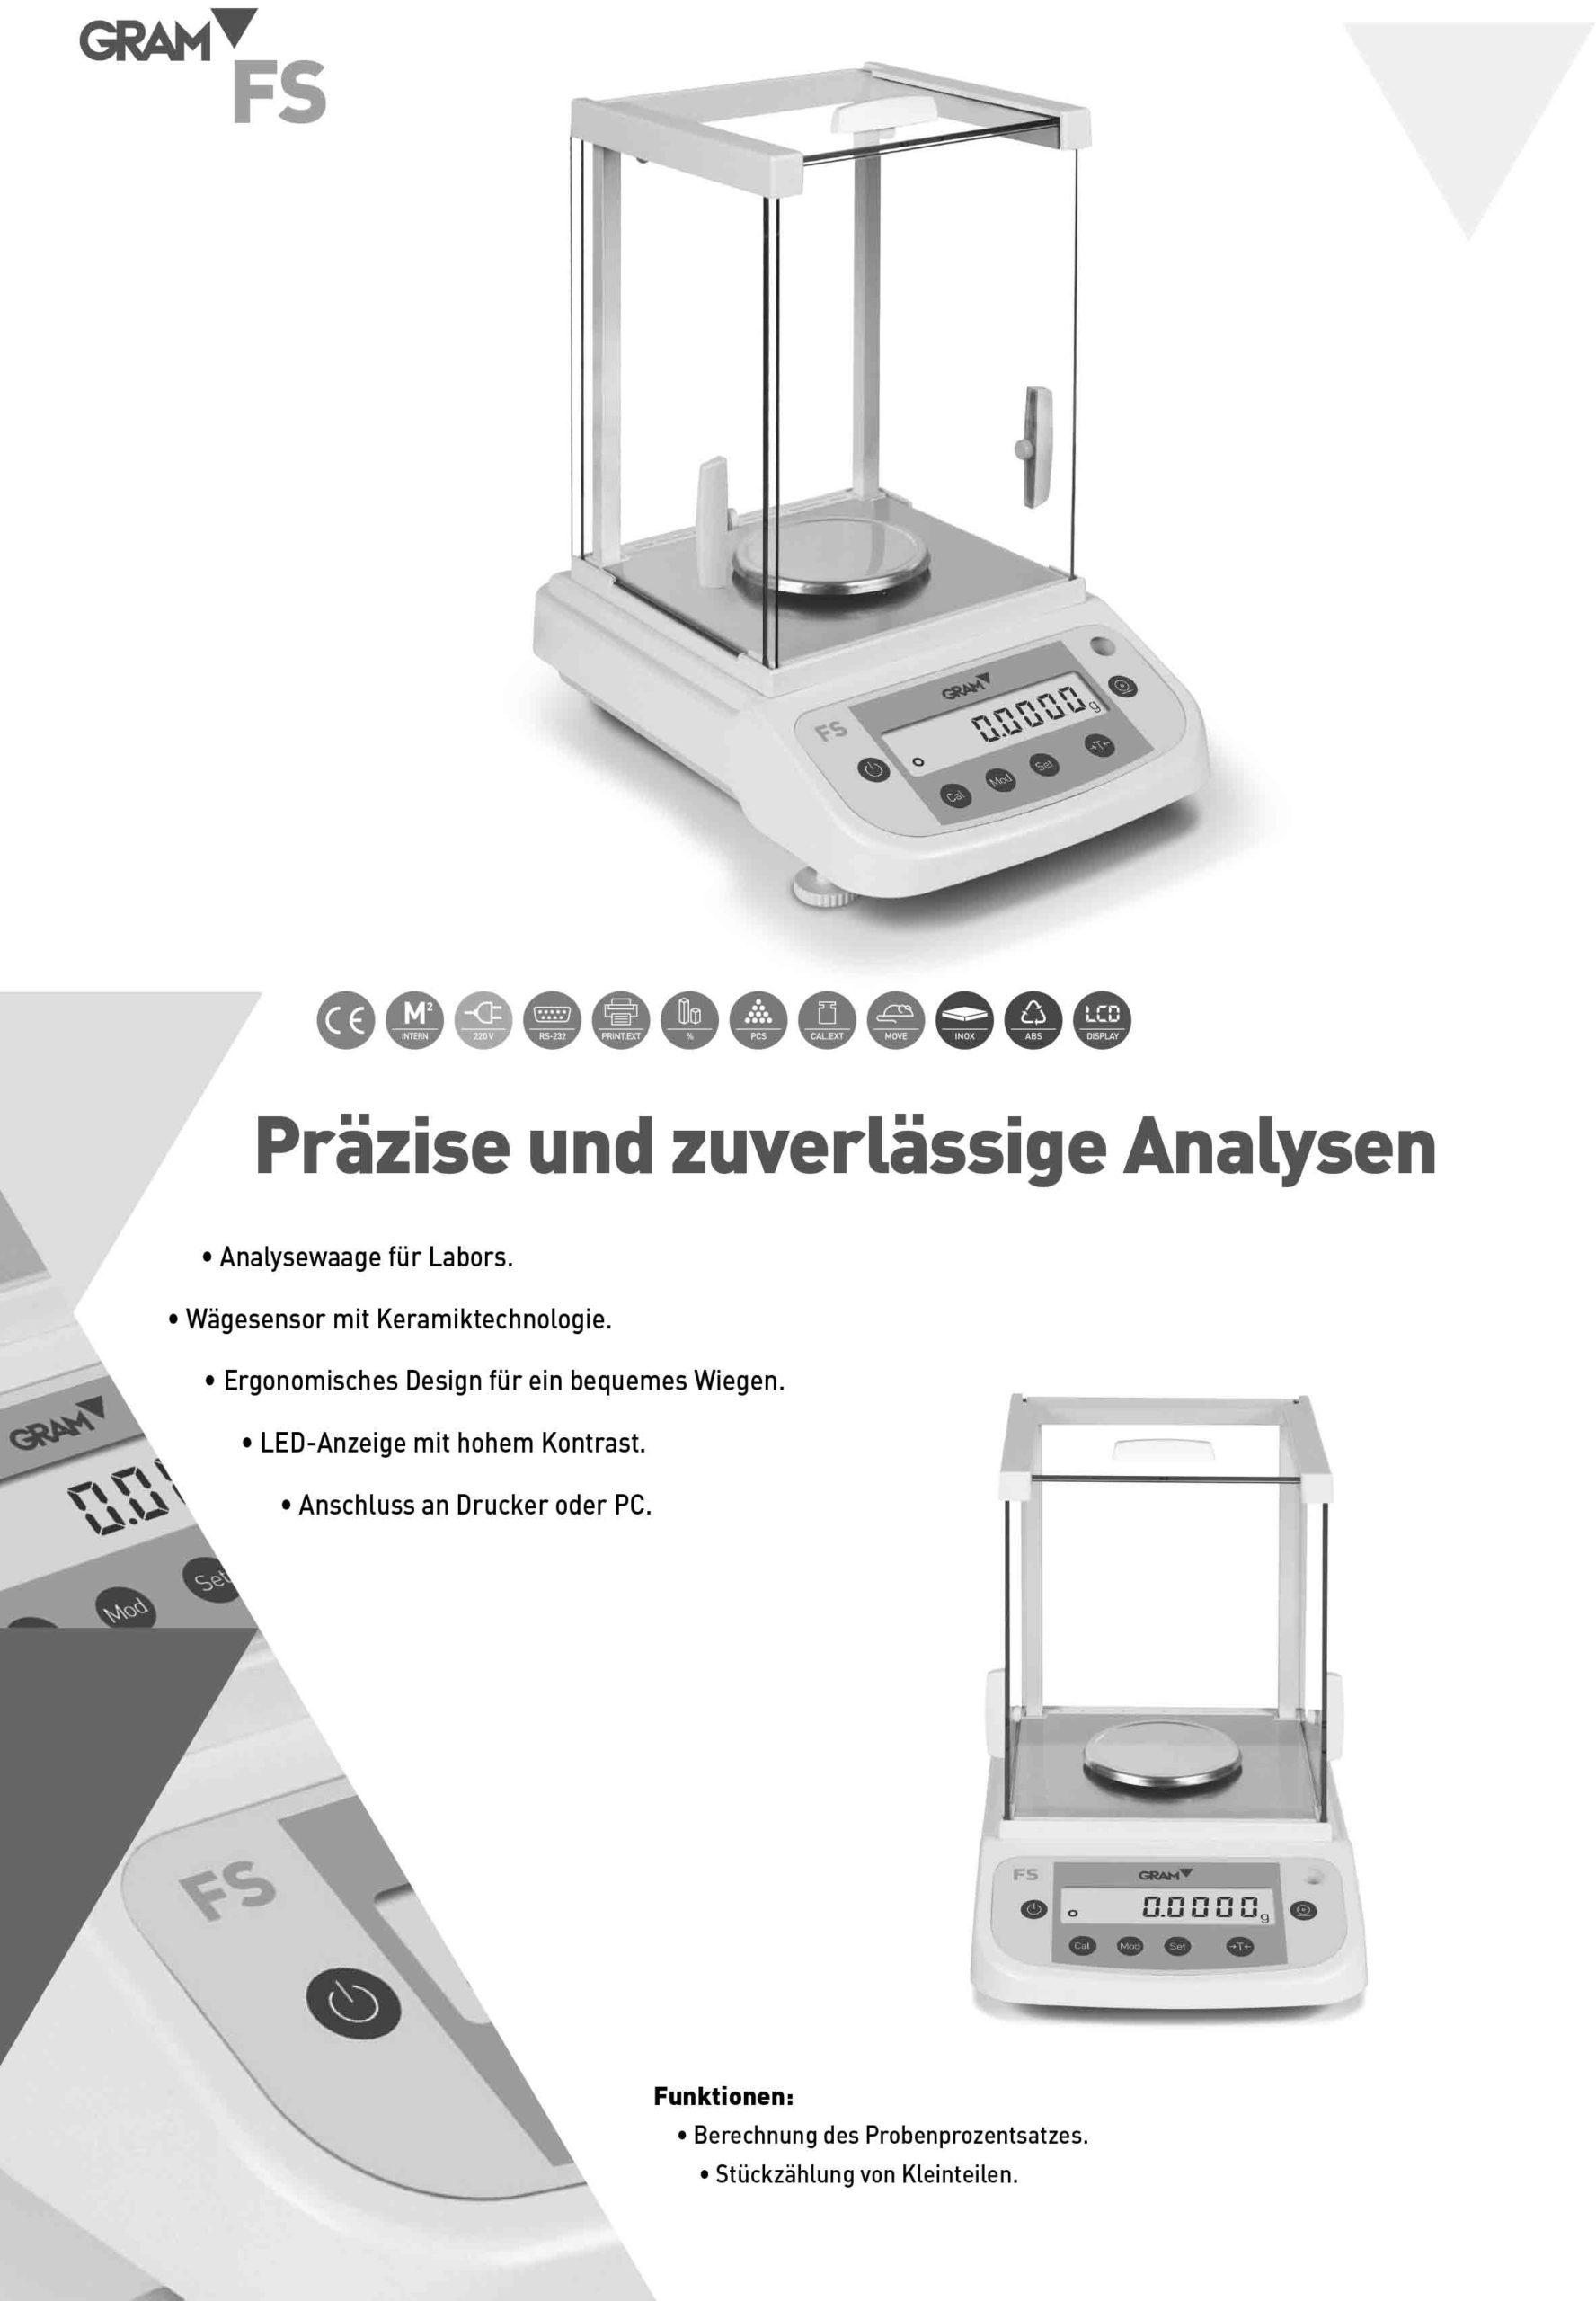 Analysenwaagen und Präzisionswaagen - Broschüre